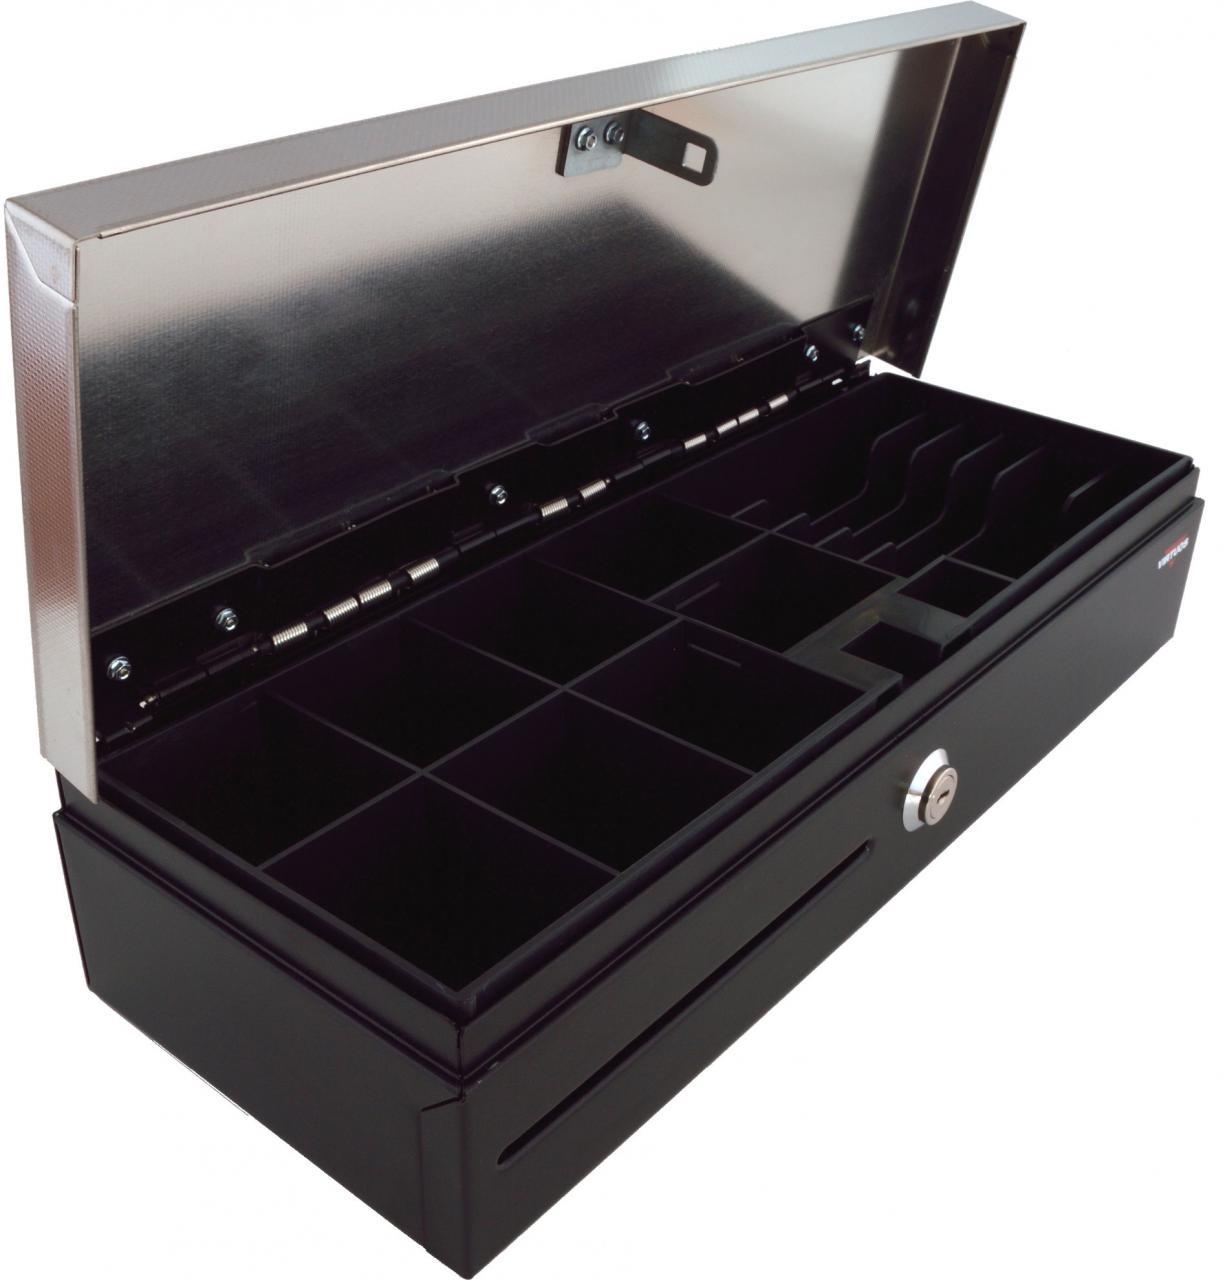 VIRTUOS Pokladní zásuvka flip-top FT-460V2 - bez kabelu (EKN0004)